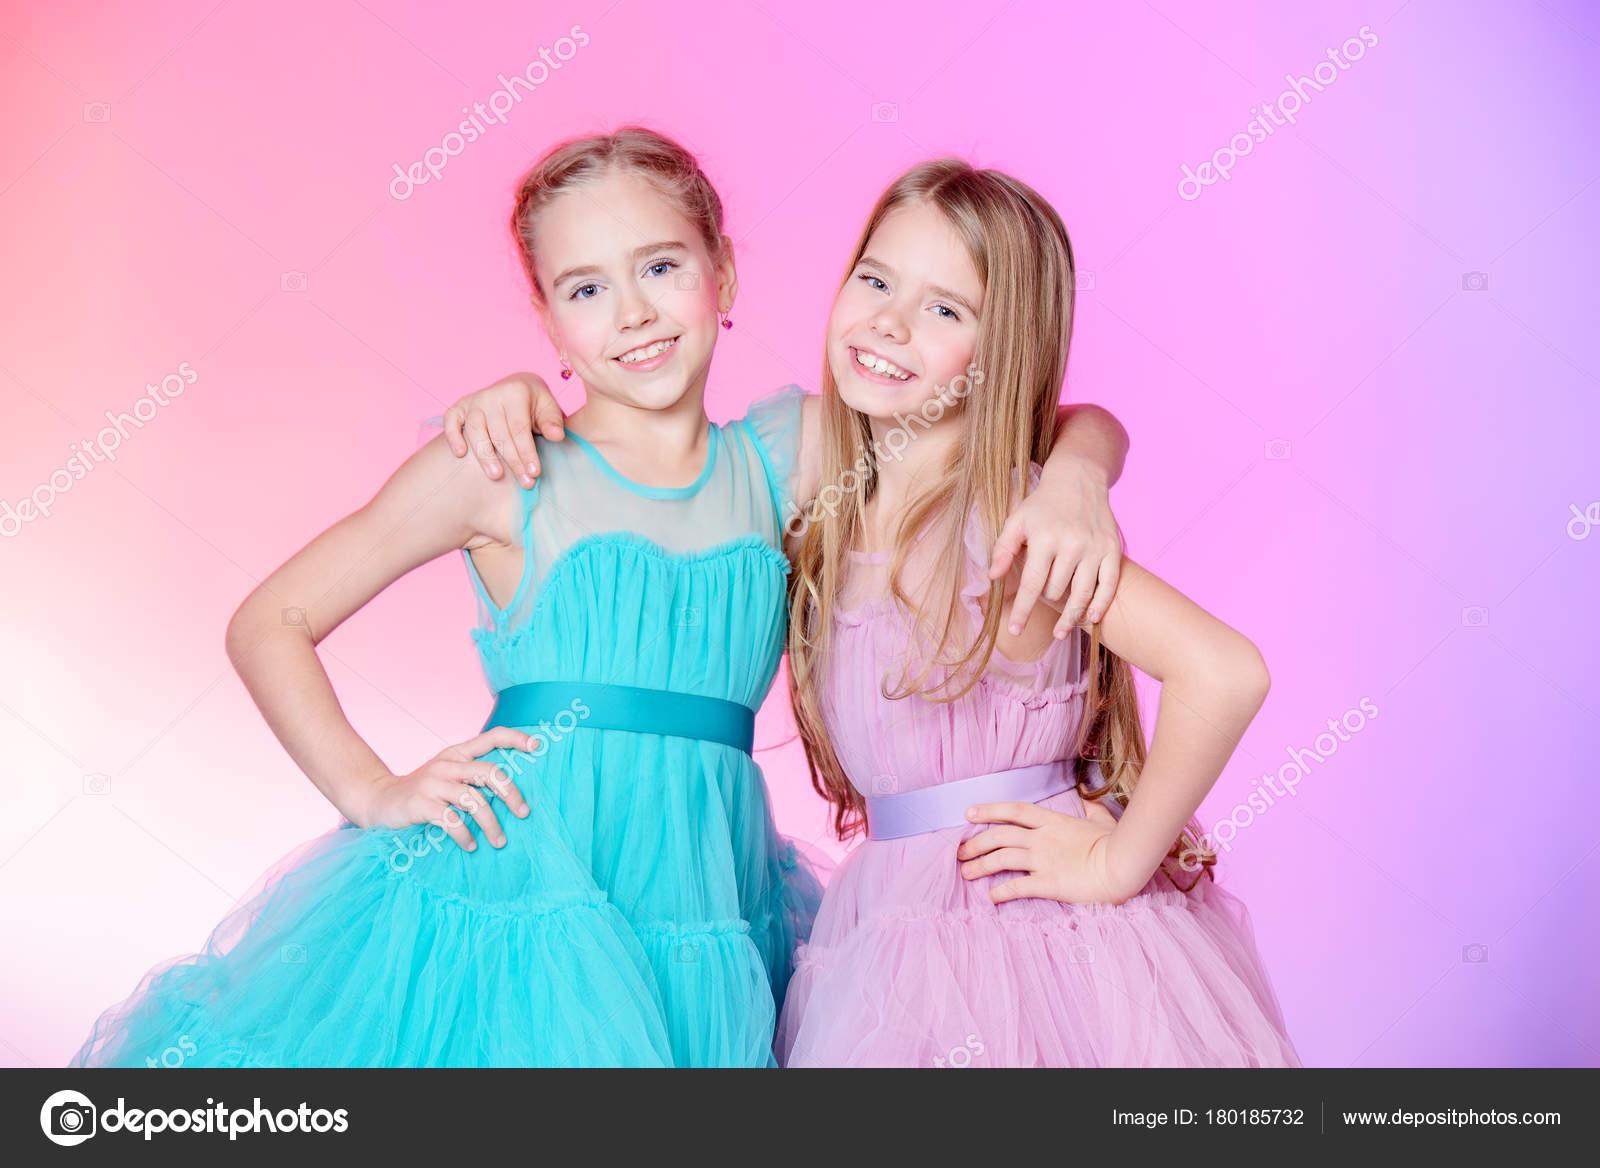 маленькие девочки Два очень маленьких девочек, одетые в красивые Праздничные платья. Детская  мода концепция — Фото автора prometeus